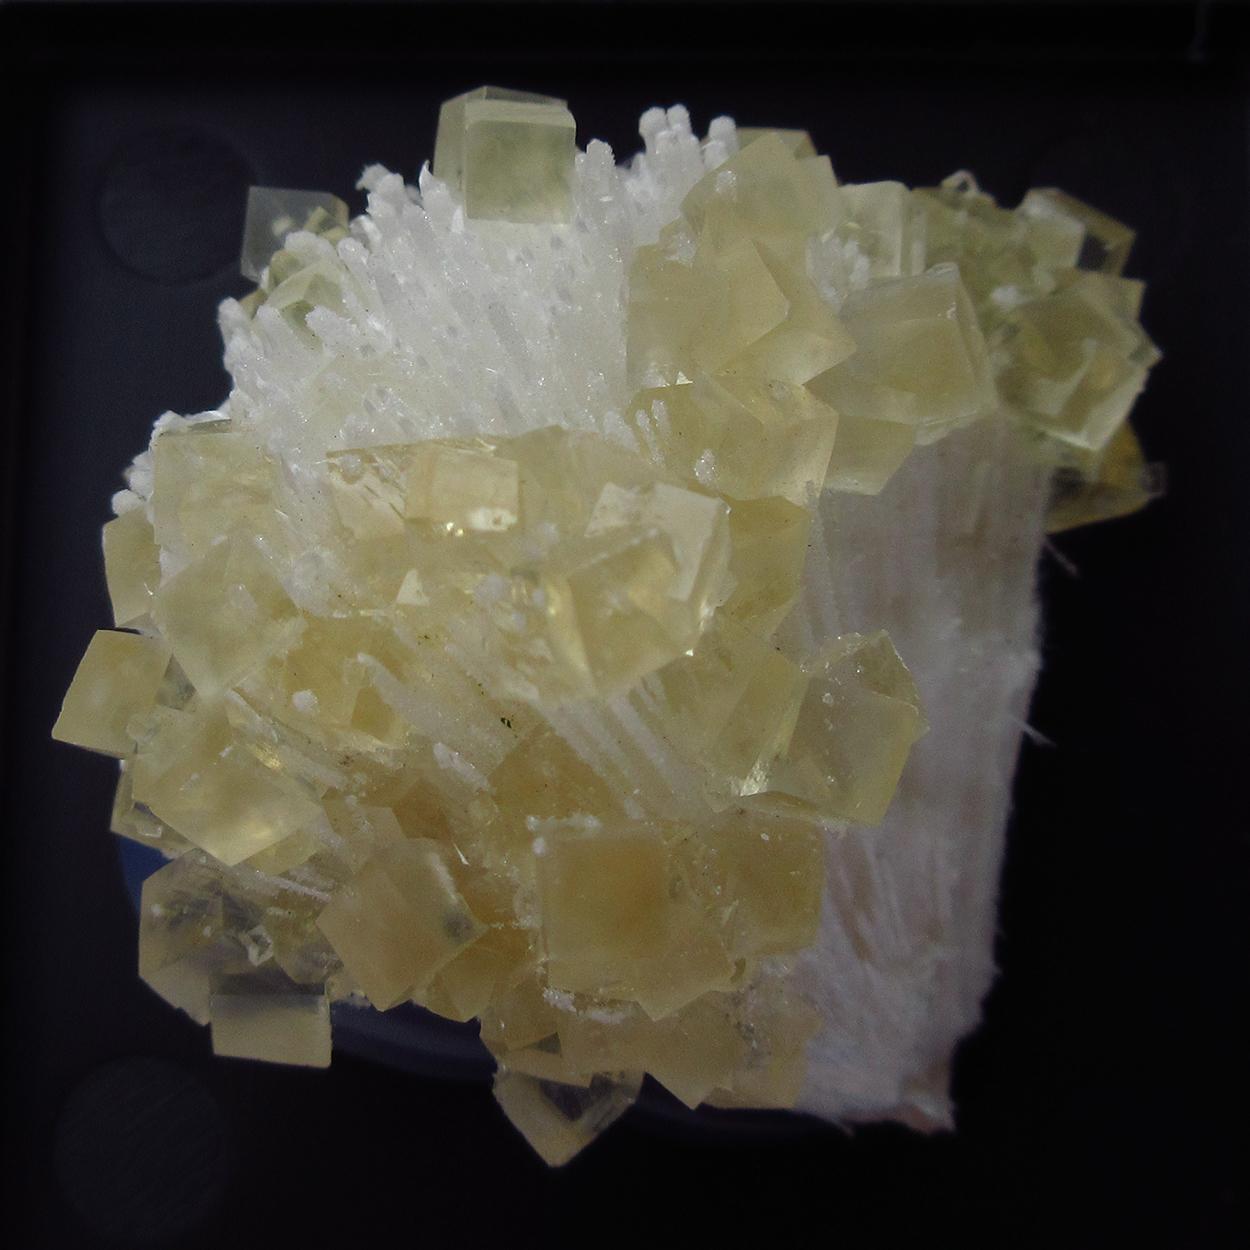 Calcite On Quartz With Mesolite